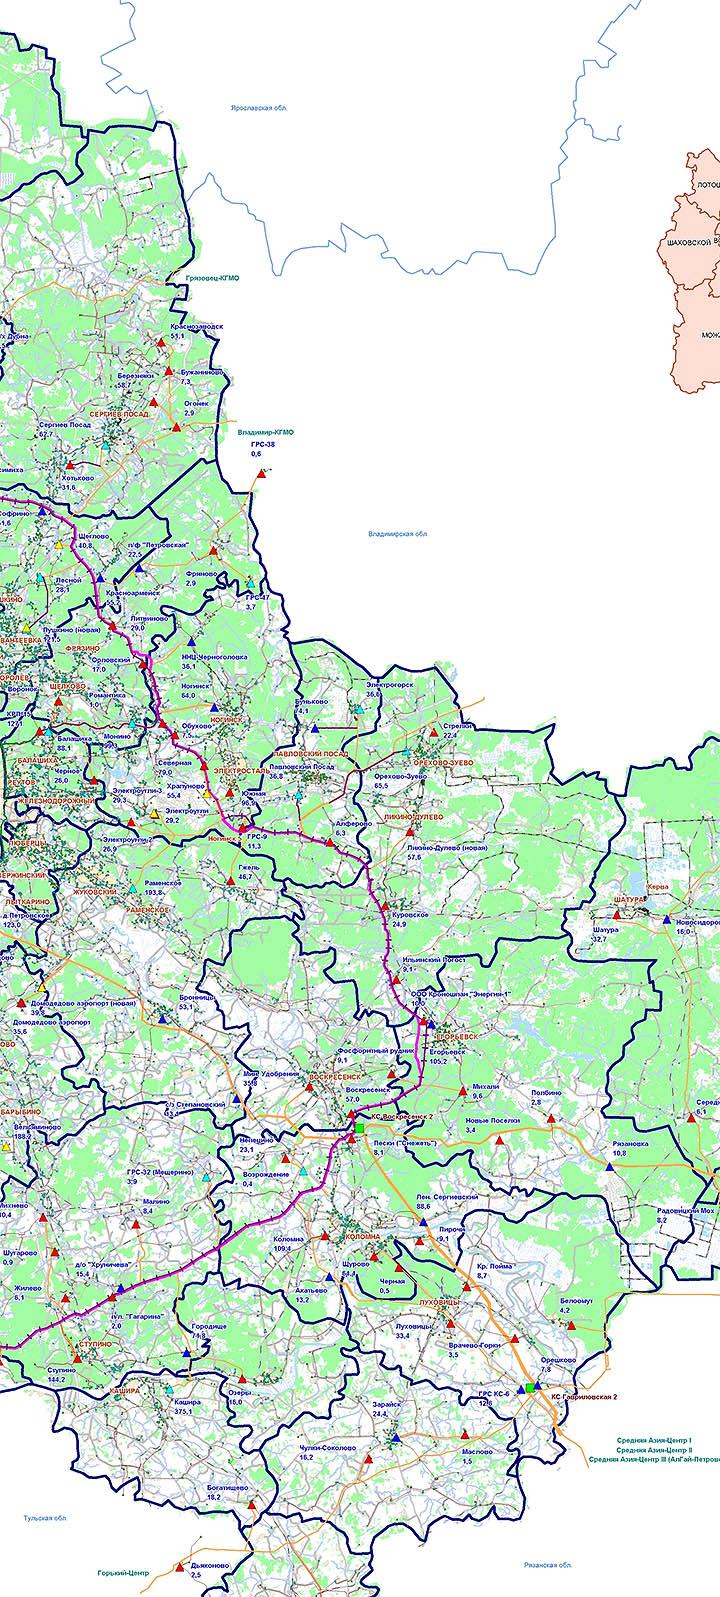 План газификации поселков Московской области до 2020-2025 года. Карта и схема